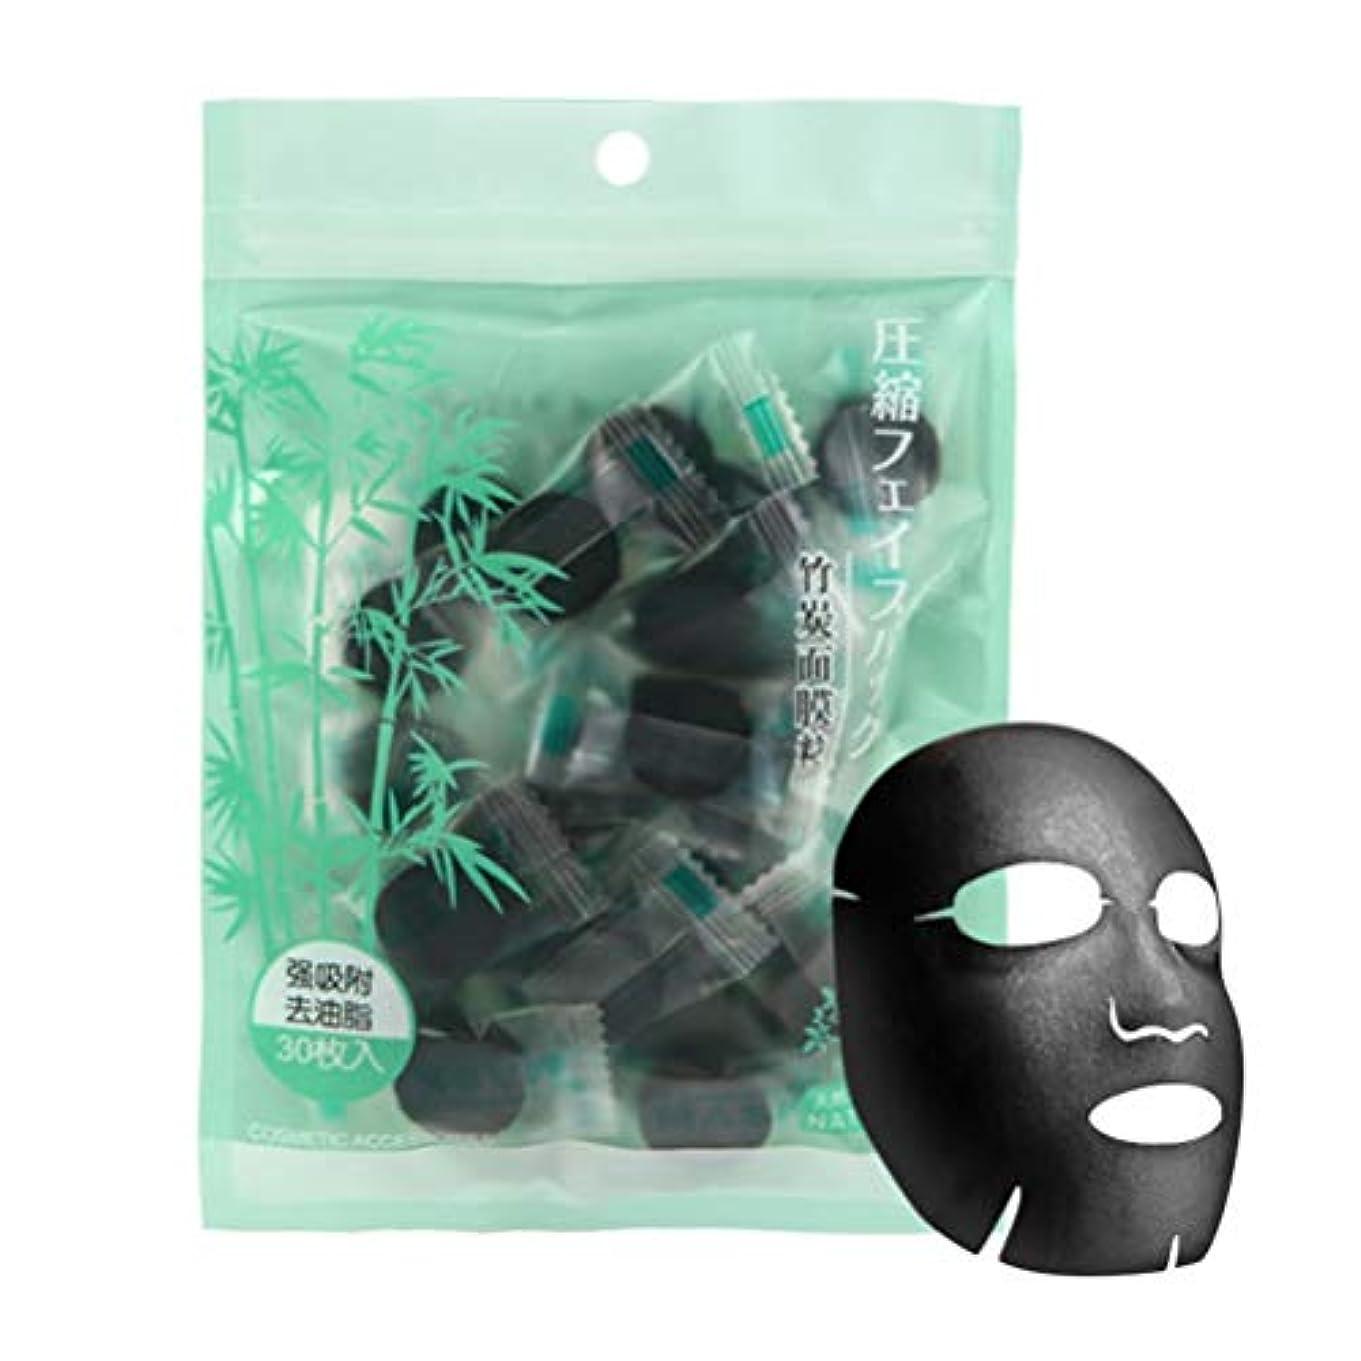 威信番目レイアウトHEALLILY 30ピース使い捨てフェイシャルマスクDIY天然竹炭圧縮フェイシャルマスクシートスキンケアマスク